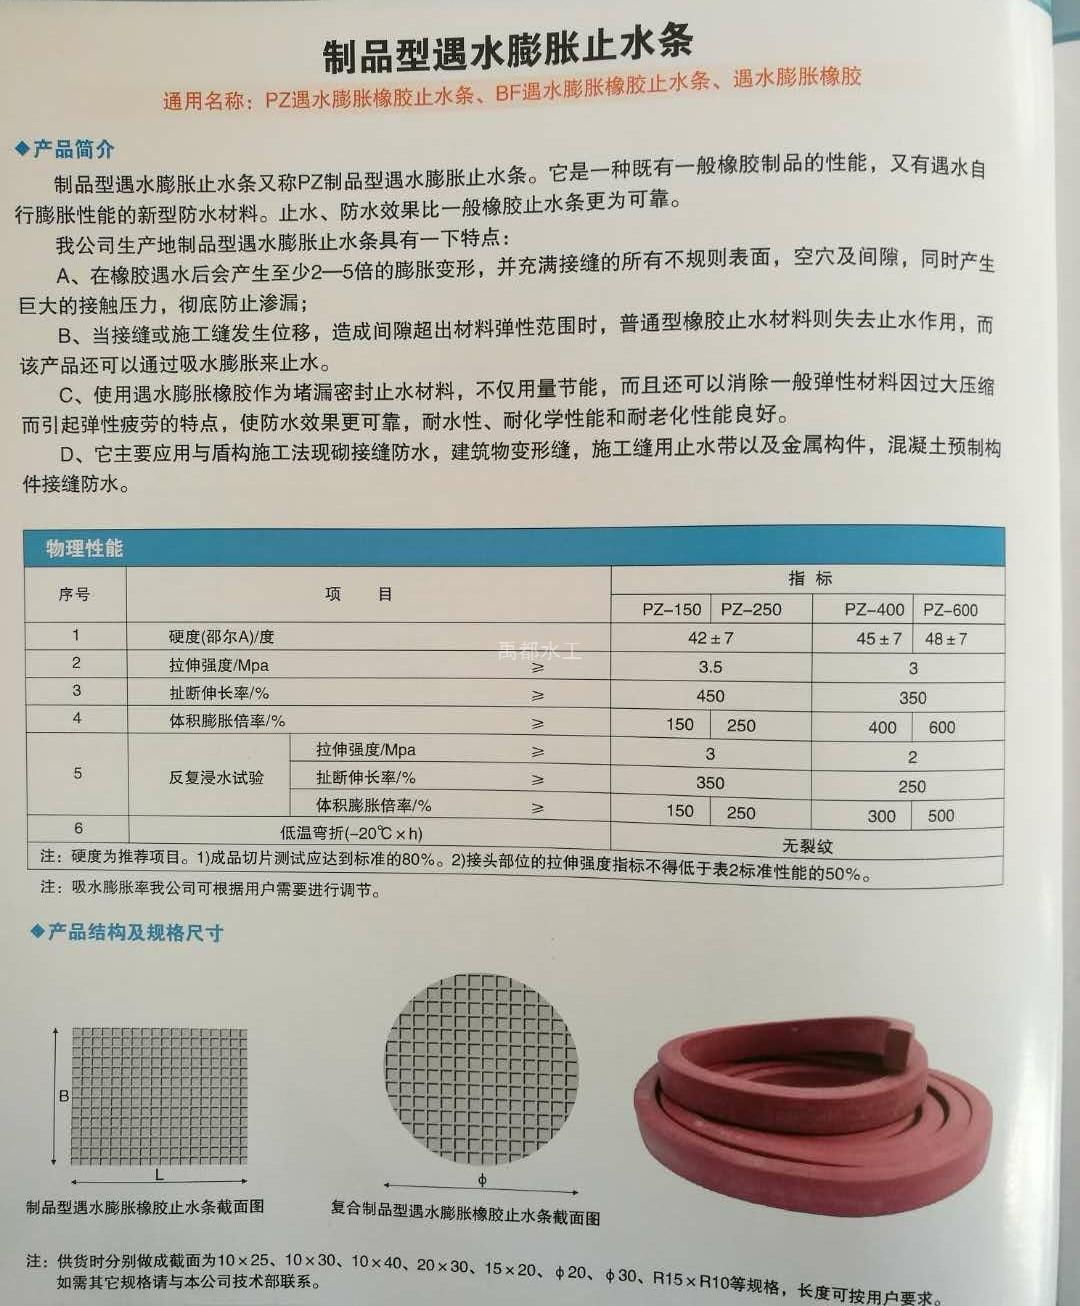 制品型遇水膨胀止水条(图1)